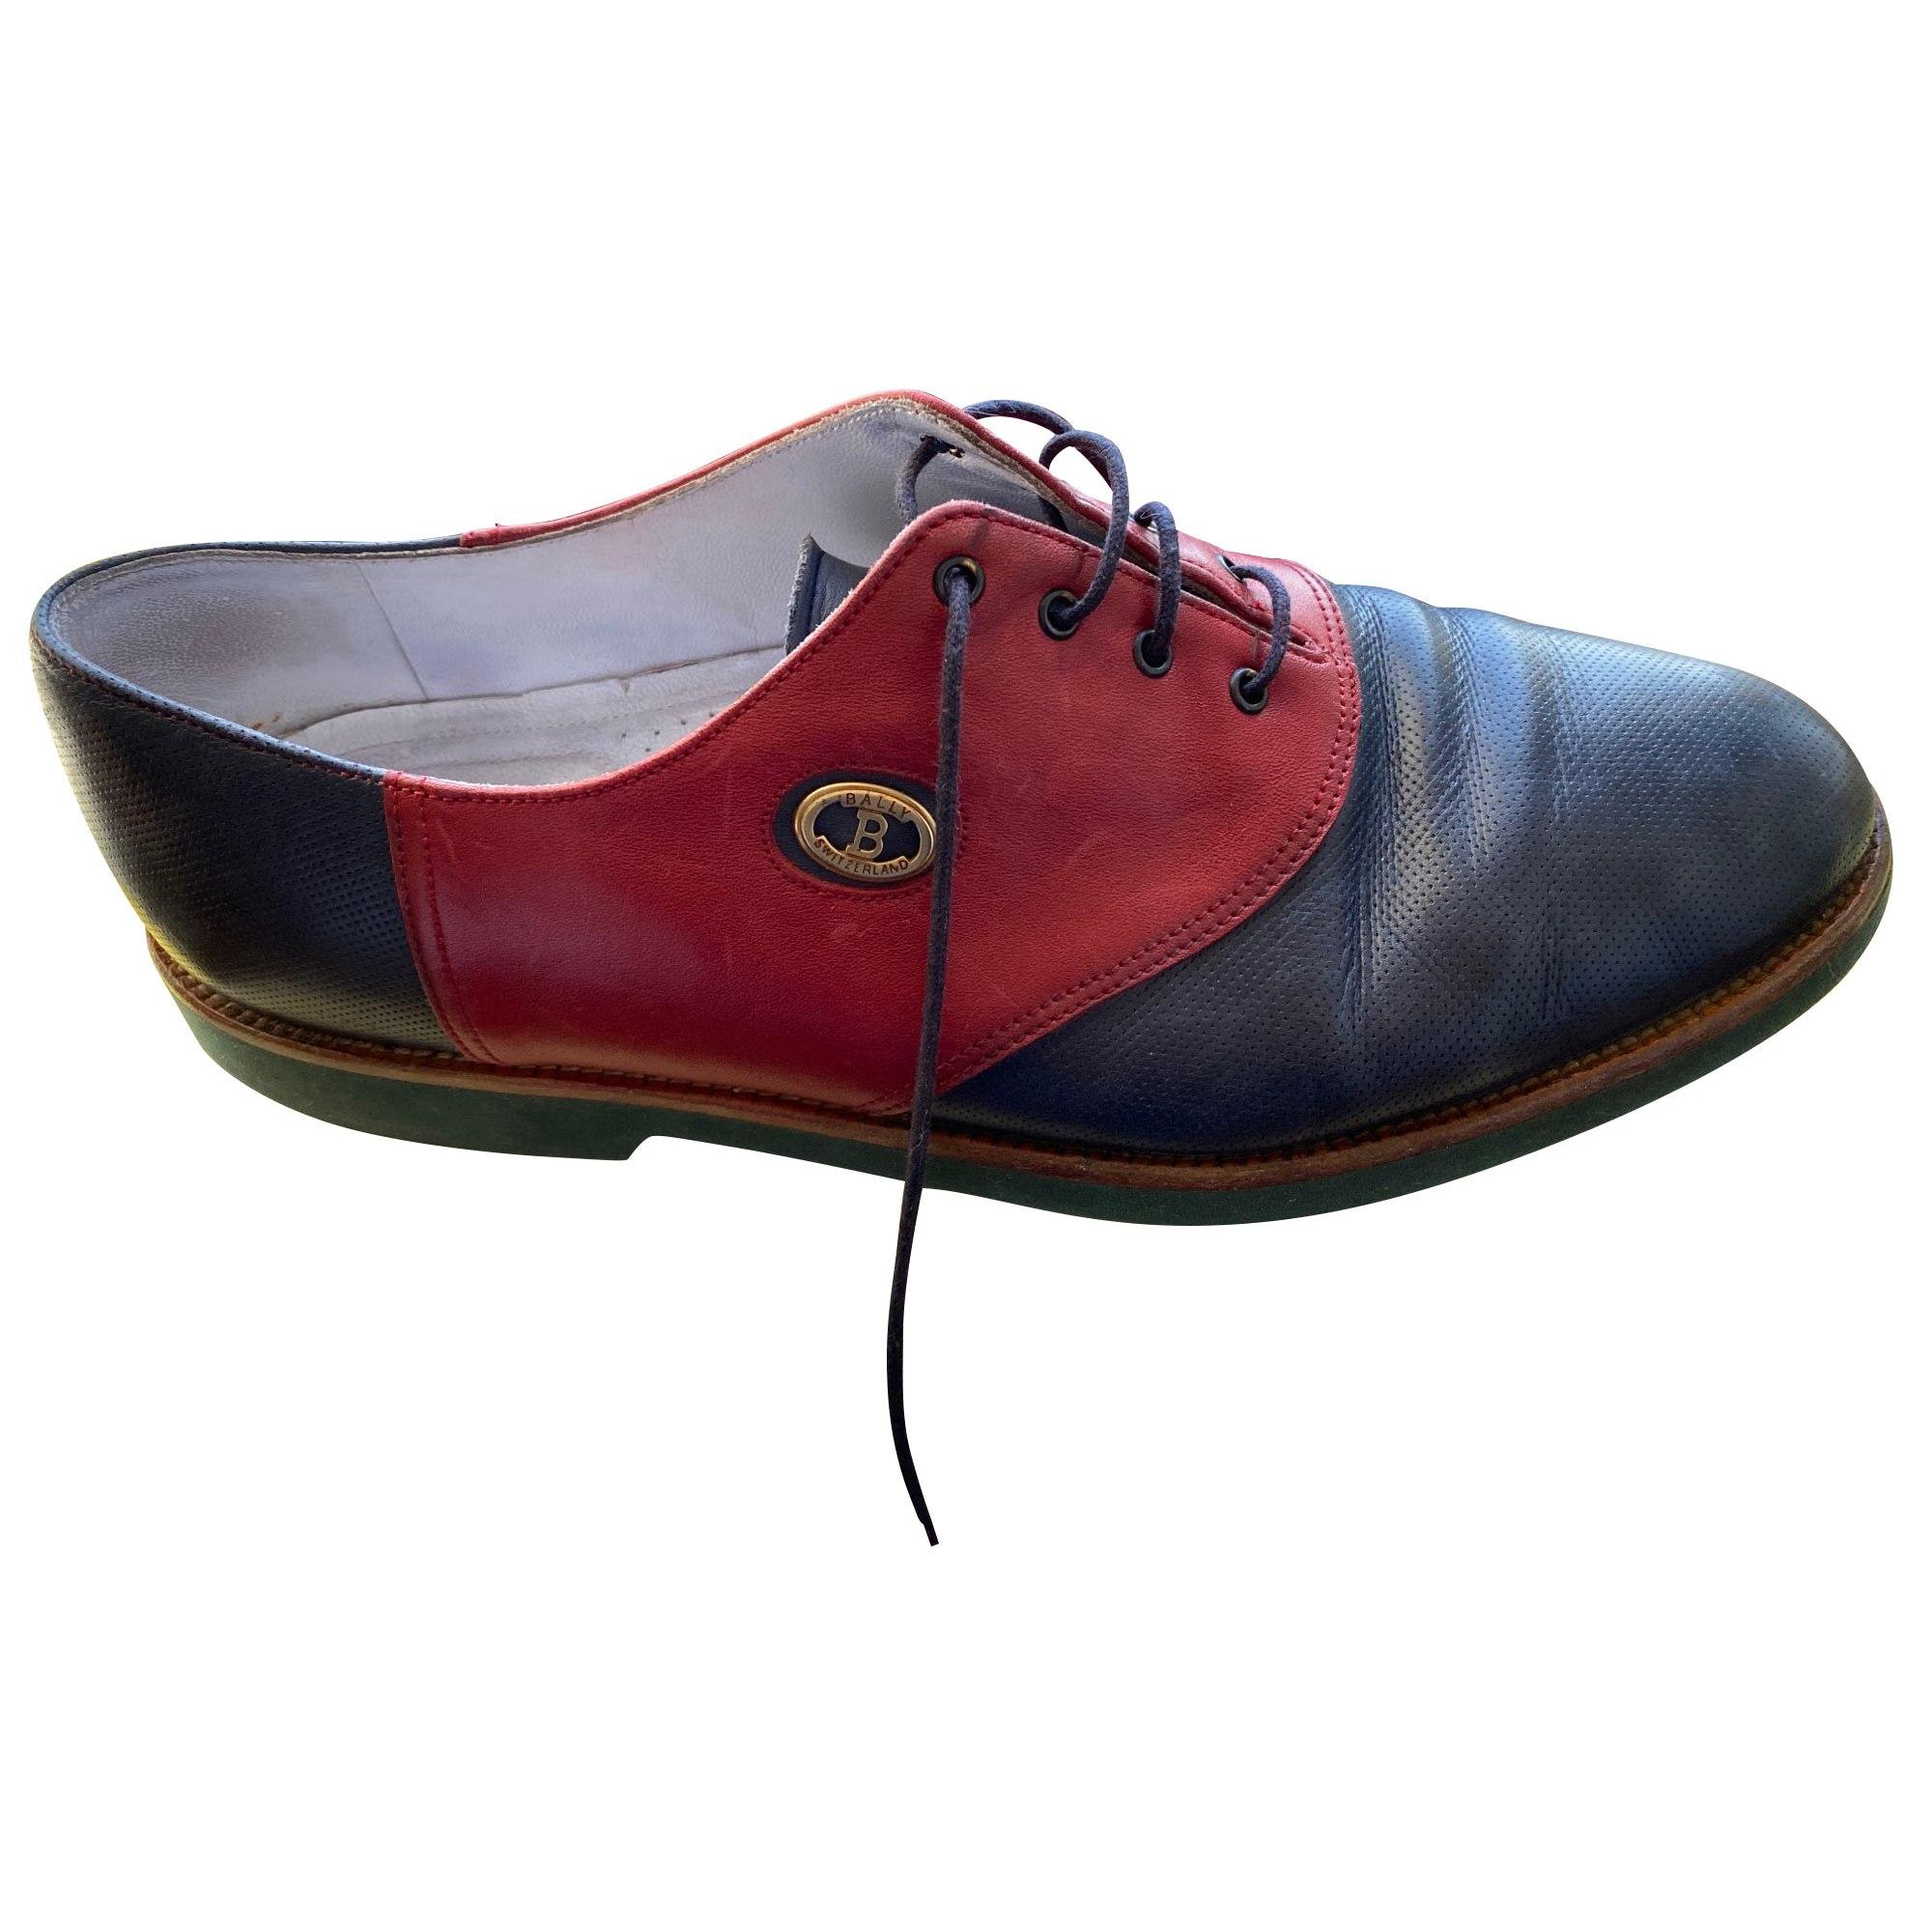 Chaussures à lacets BALLY Bleu, bleu marine, bleu turquoise